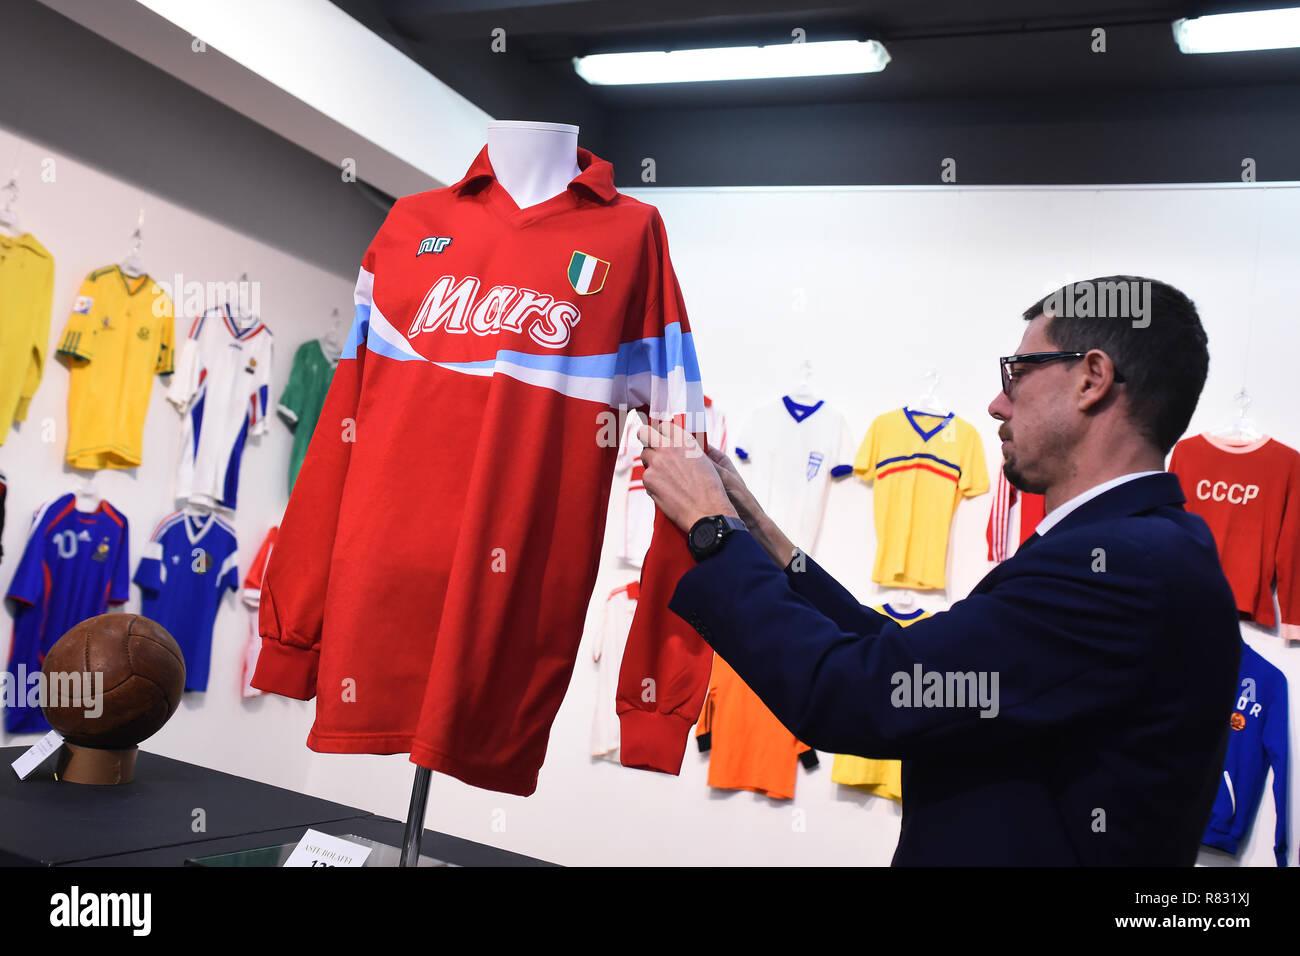 Diego Maradona Napoli Stock Photos   Diego Maradona Napoli Stock ... 8110679119127